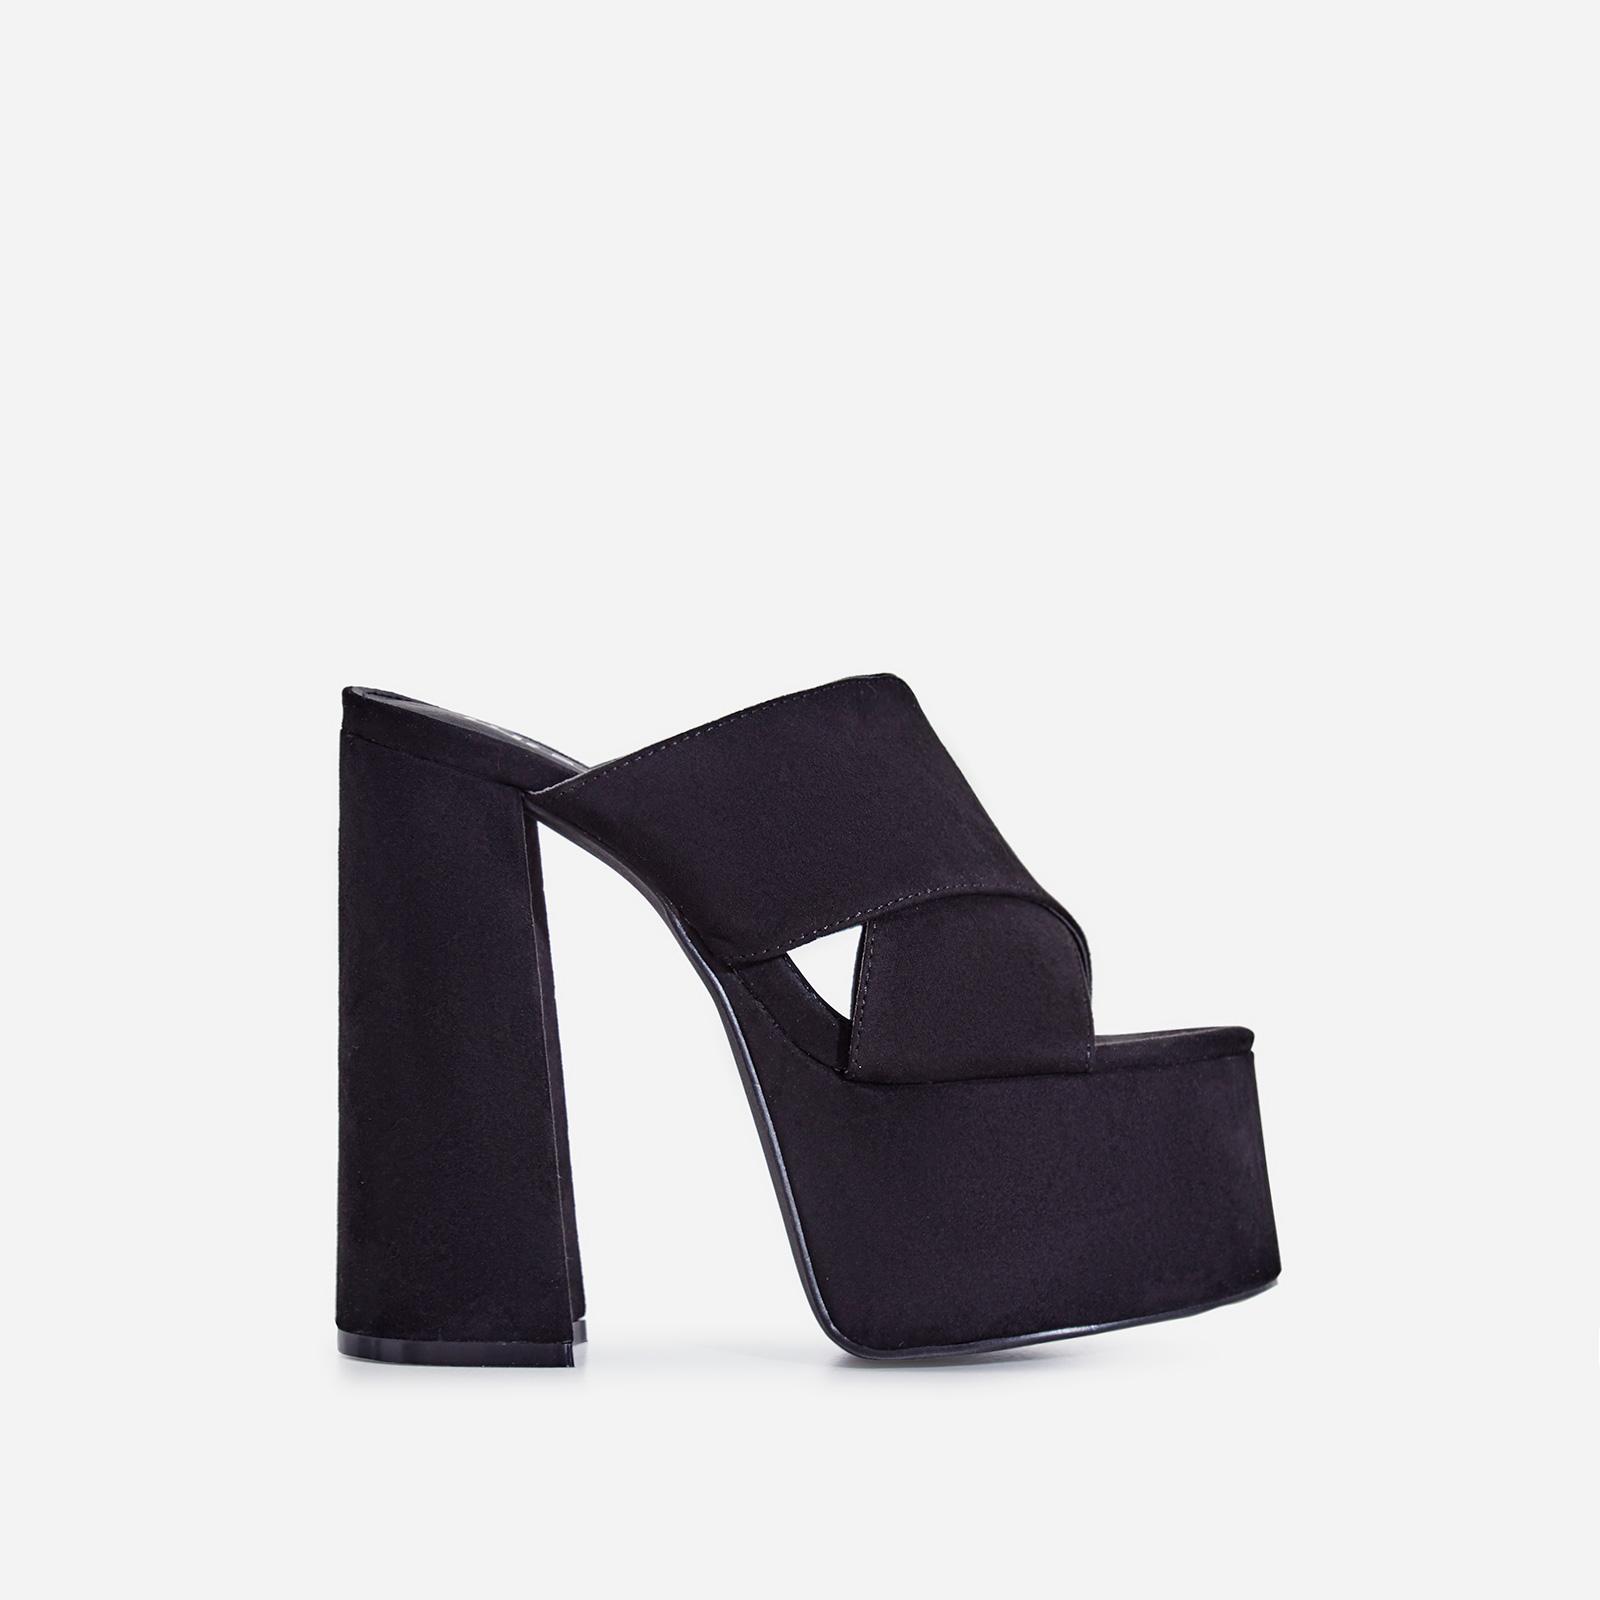 Yaya Platform Peep Toe Mule In Black Faux Suede